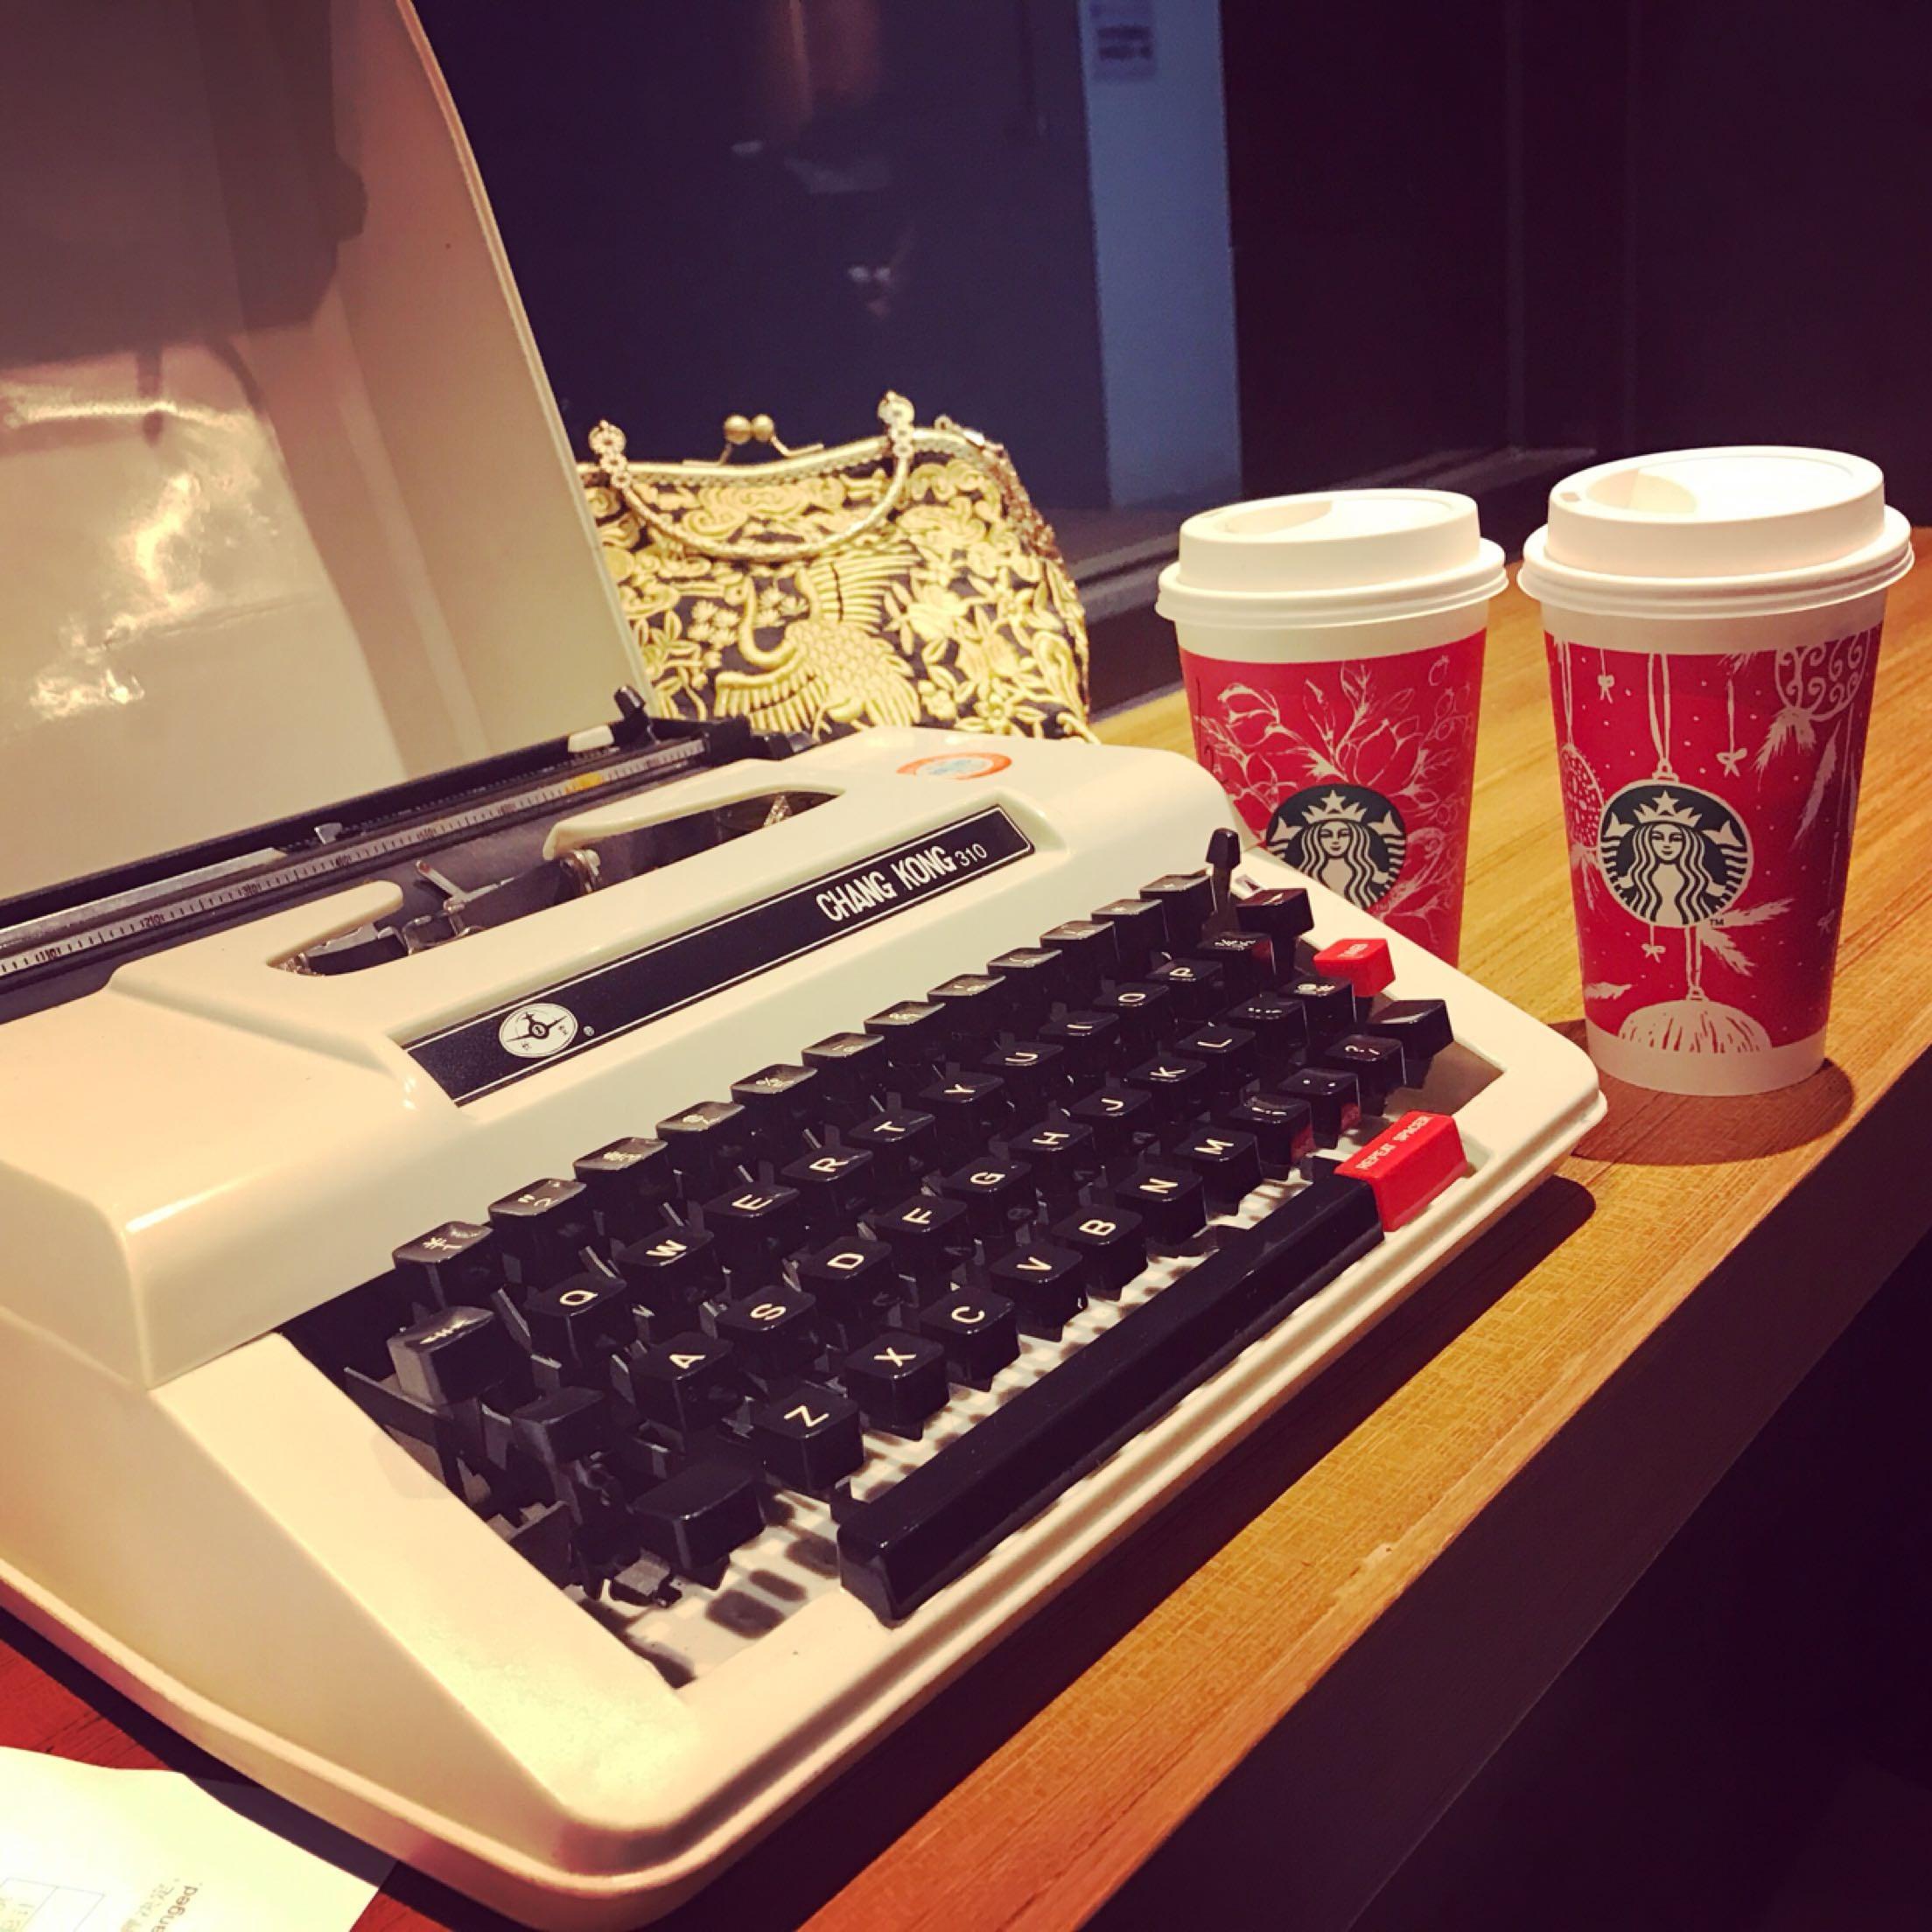 手提打字机复古可打字老式可打英文古董可用收藏饭店黑色老上海